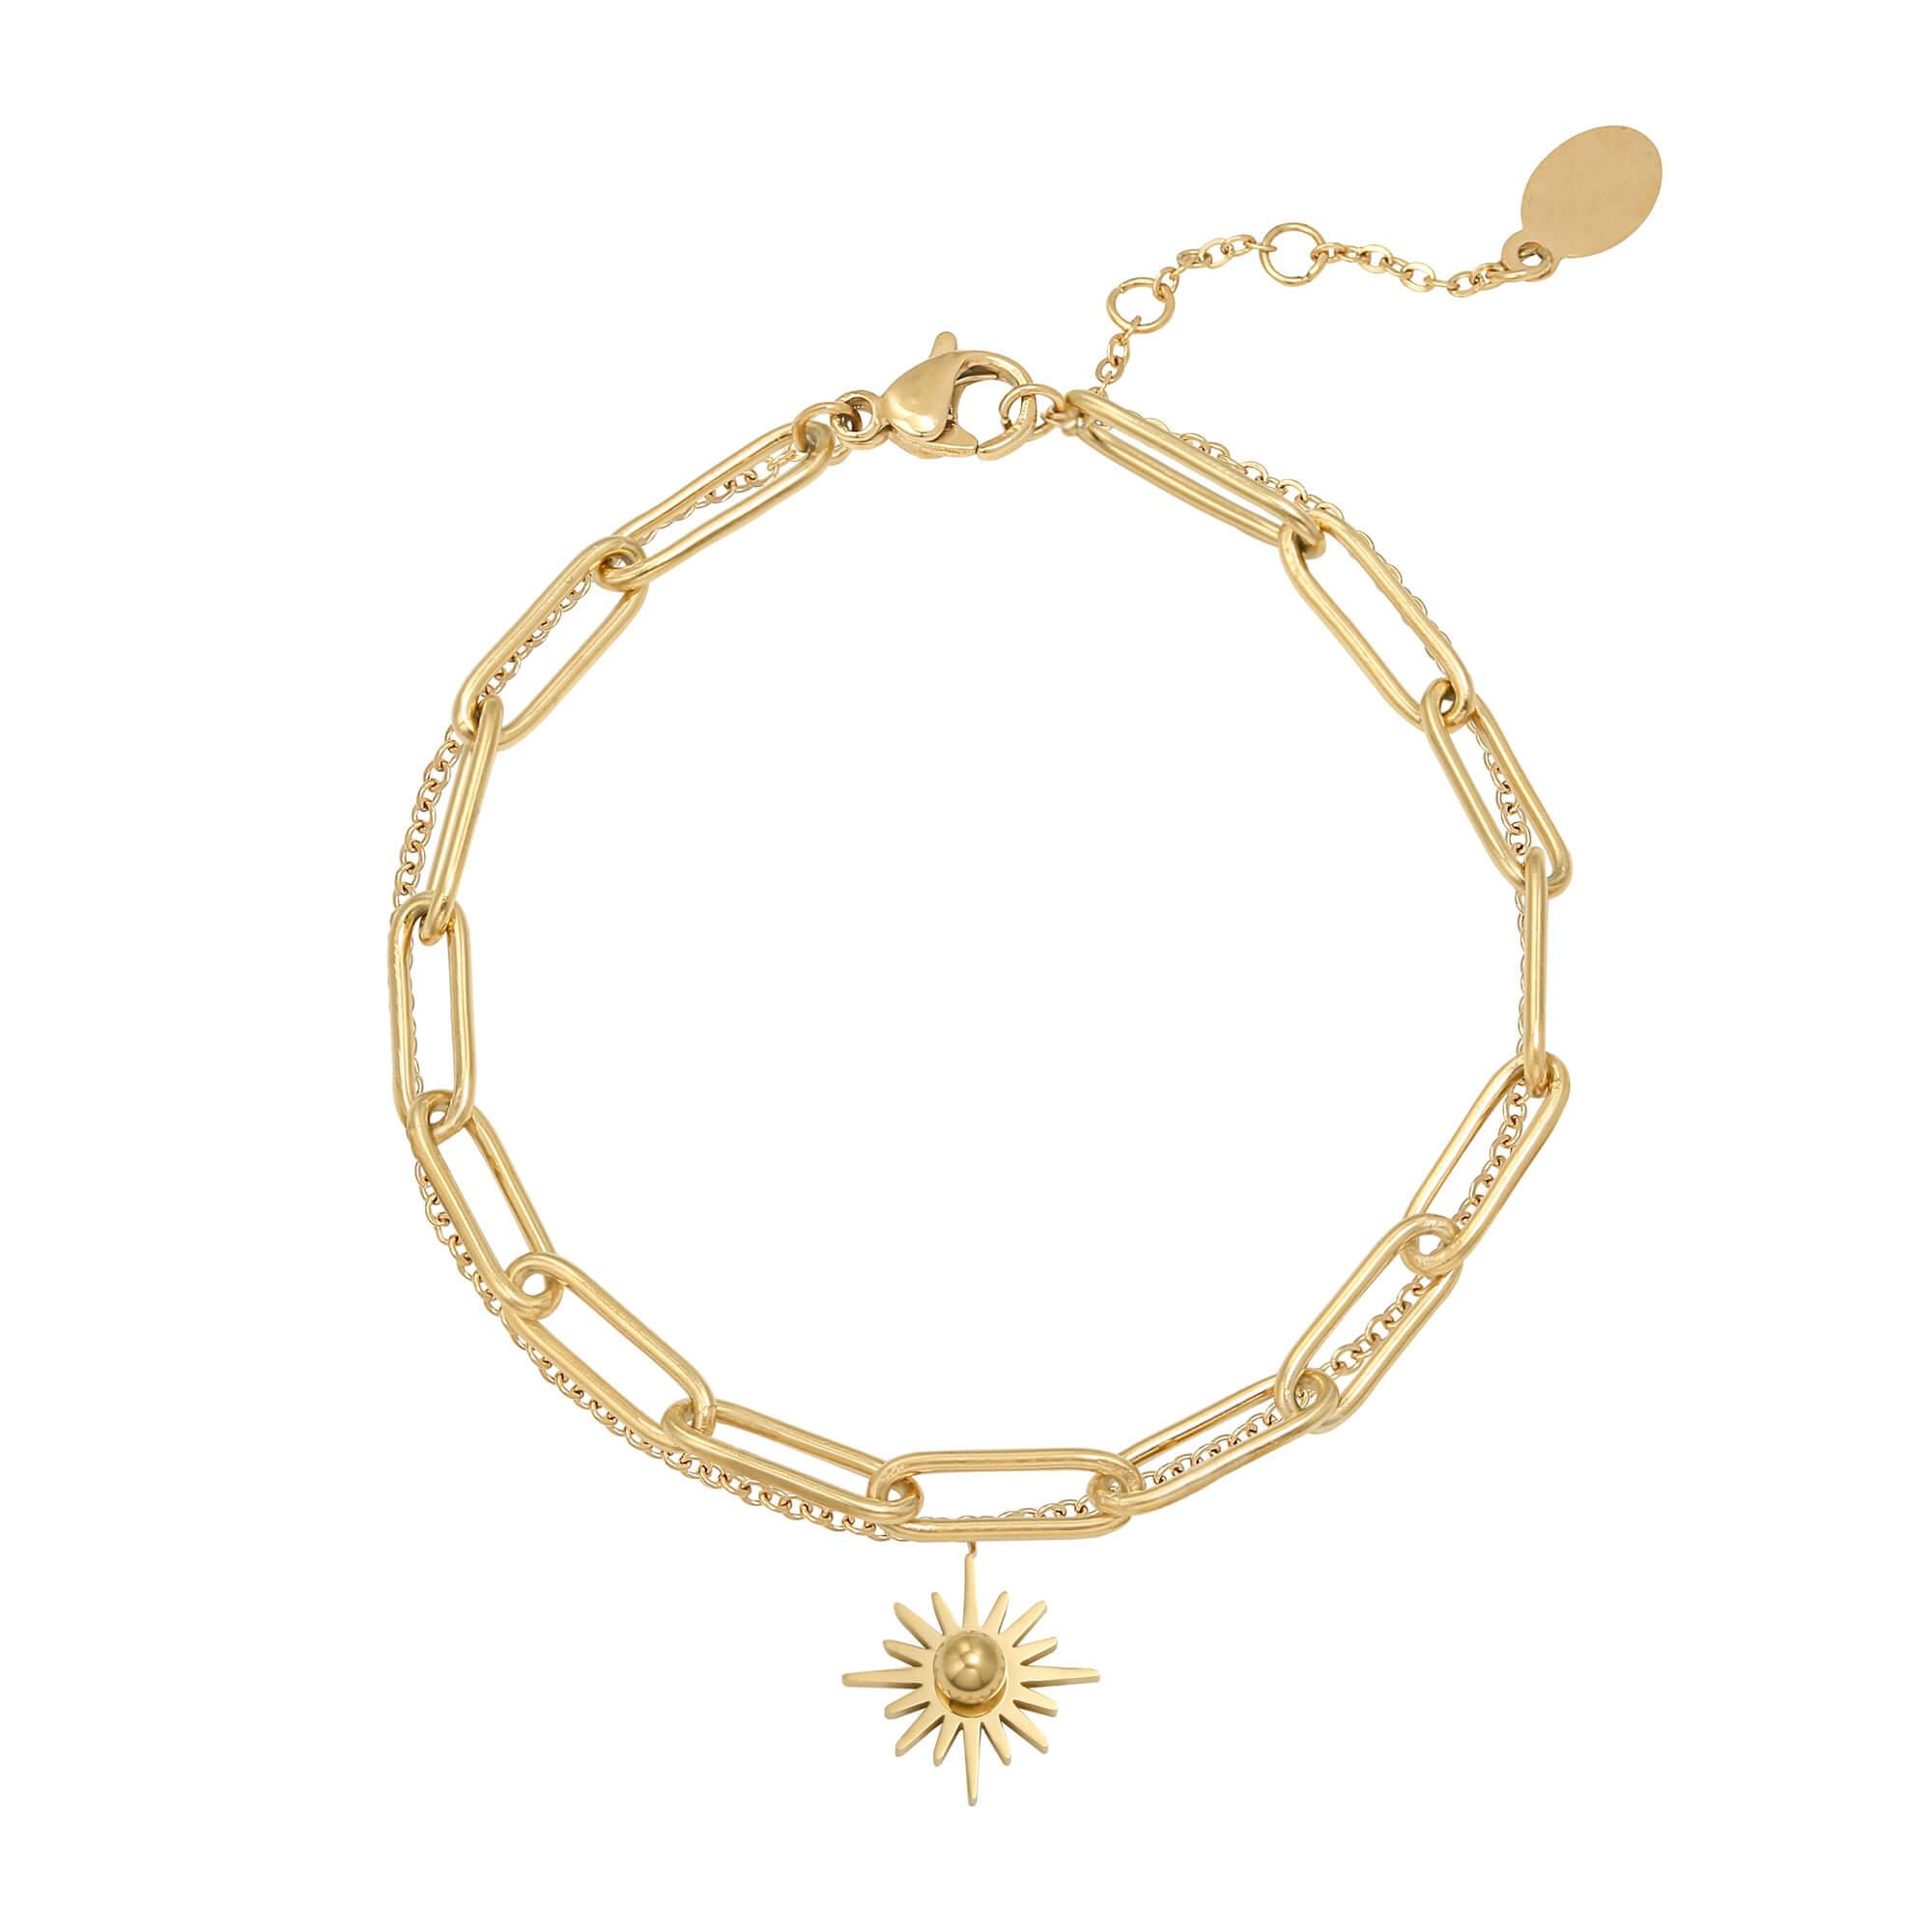 Bracelet soleil - bracelet chaine double mode - Sunny - Cénélia